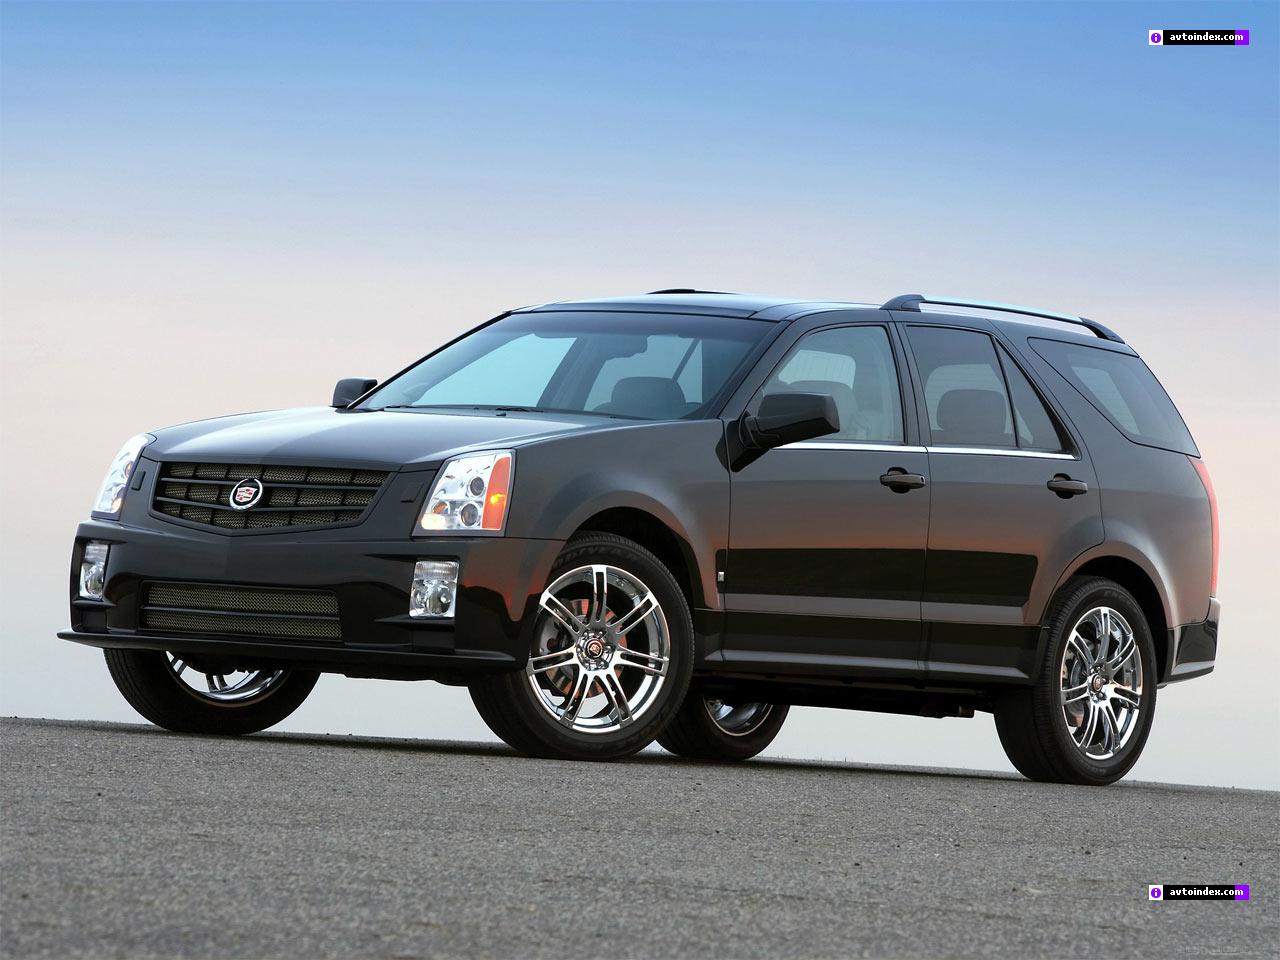 2004 Cadillac Srx Vin Check Specs Recalls Autodetective